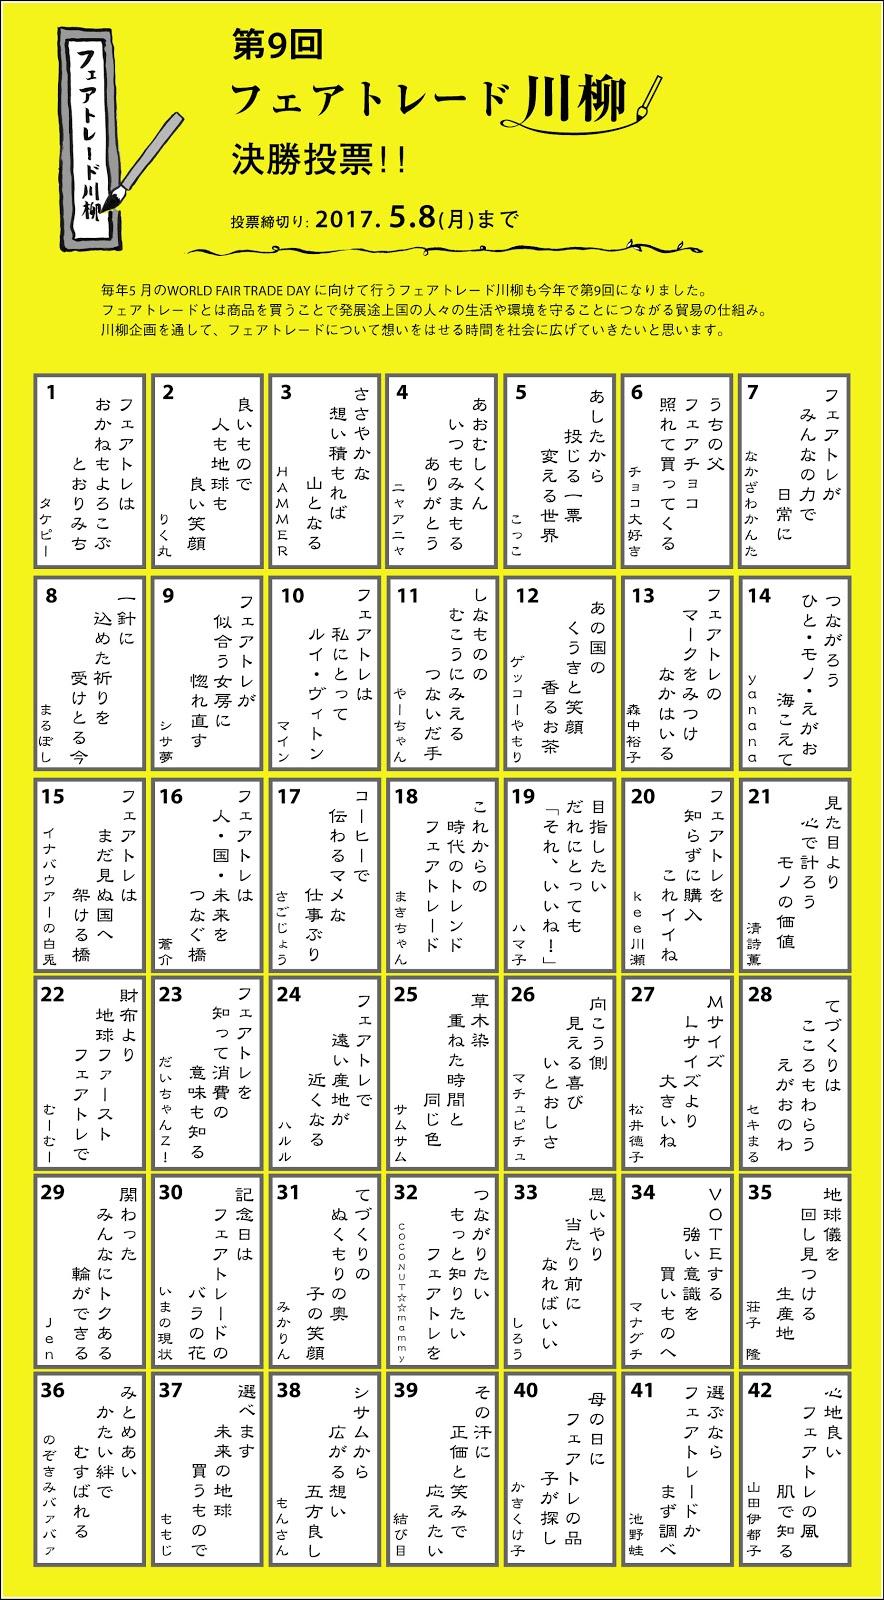 全42作品 投票締切り: 2015. 5.12(火)まで